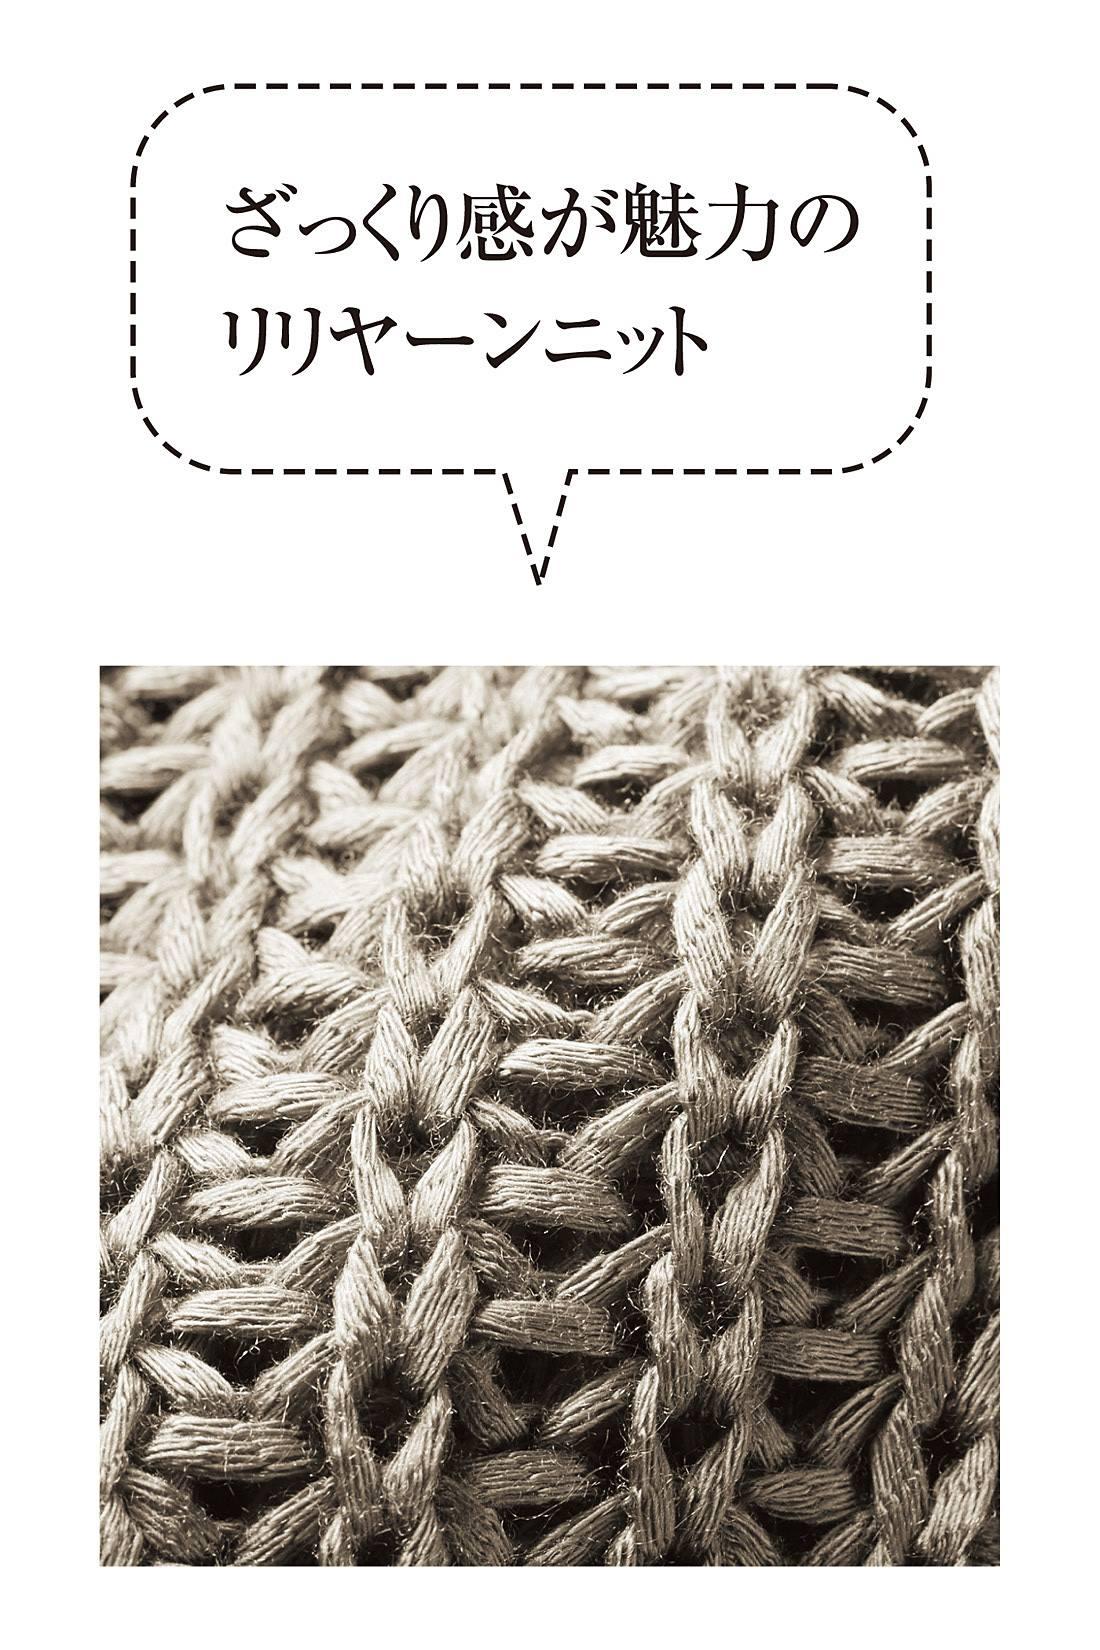 細い糸をらせん状に編んで作った特殊な糸リリヤーンを使用。糸の中が空洞になるため、厚みはあるのにやわらかくて軽い着心地が楽しめます。艶のある糸による自然な光沢感がいつもの着こなしをアップデートしてくれそう。※お届けするカラーとは異なります。